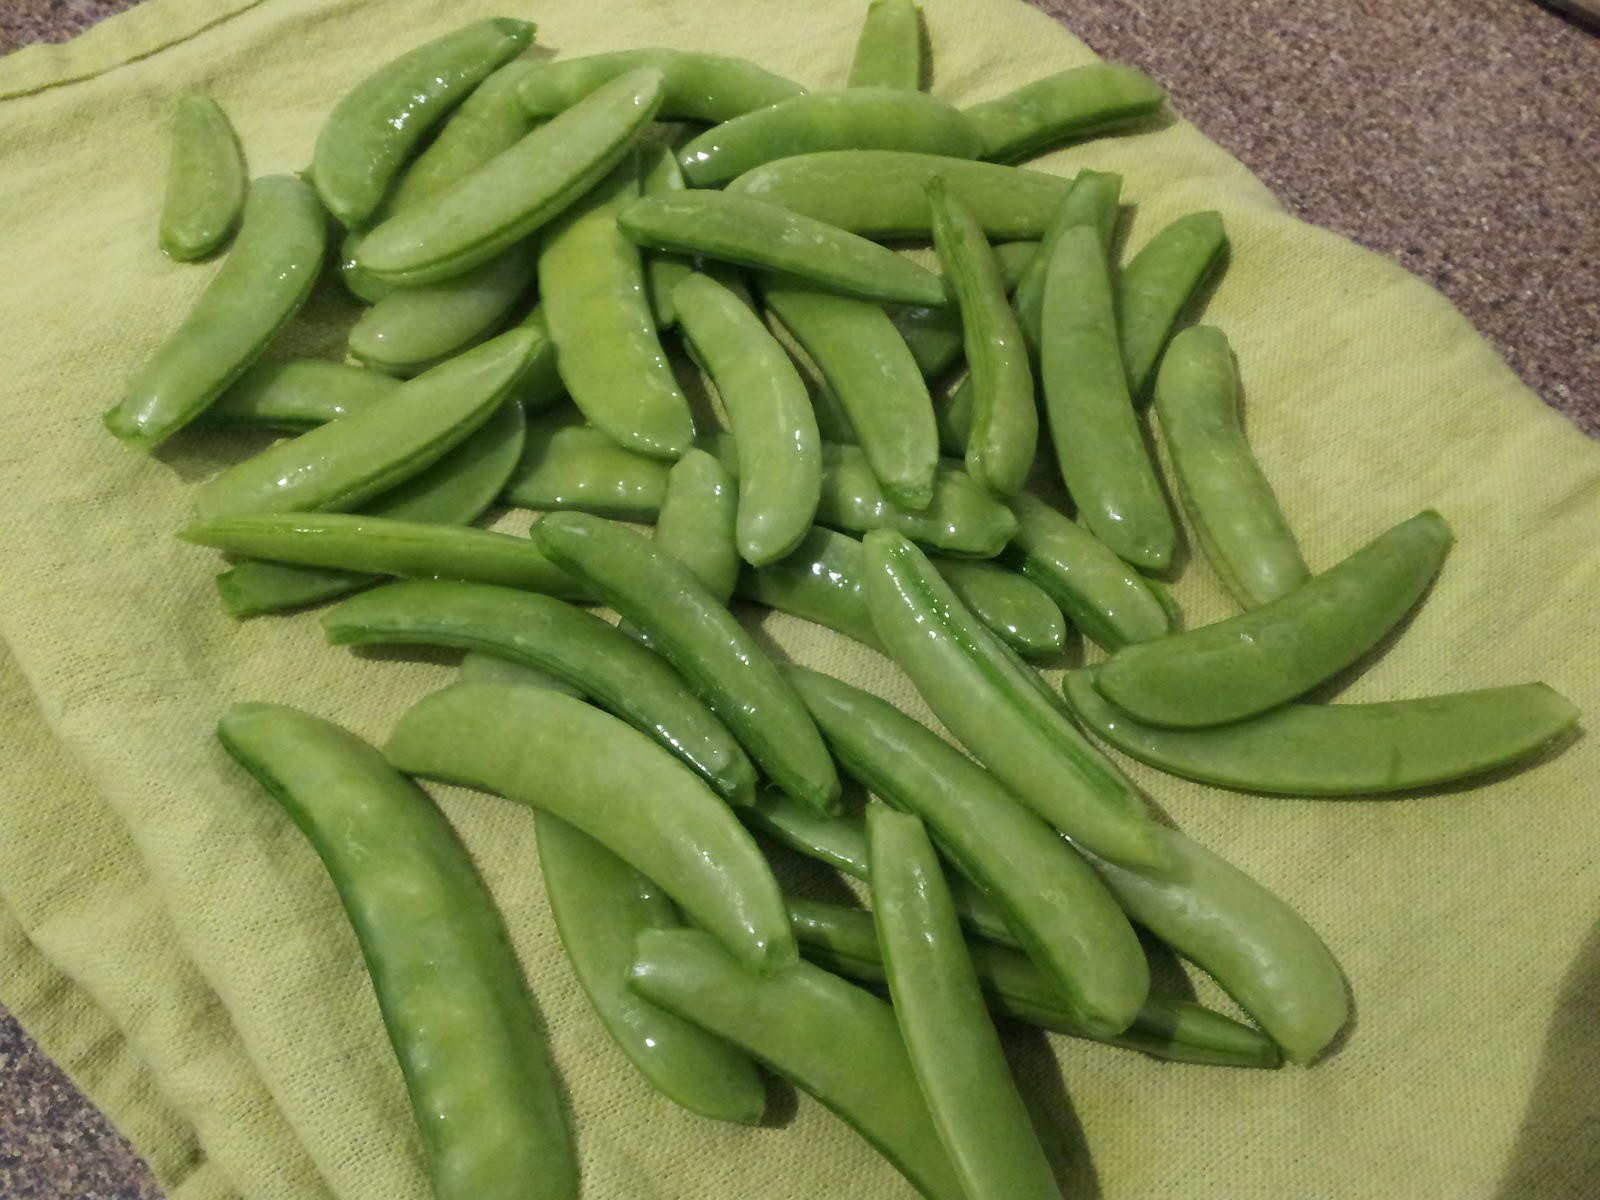 Growing Sugar Snap Peas Trellis Grow The Sugar Snap Peas